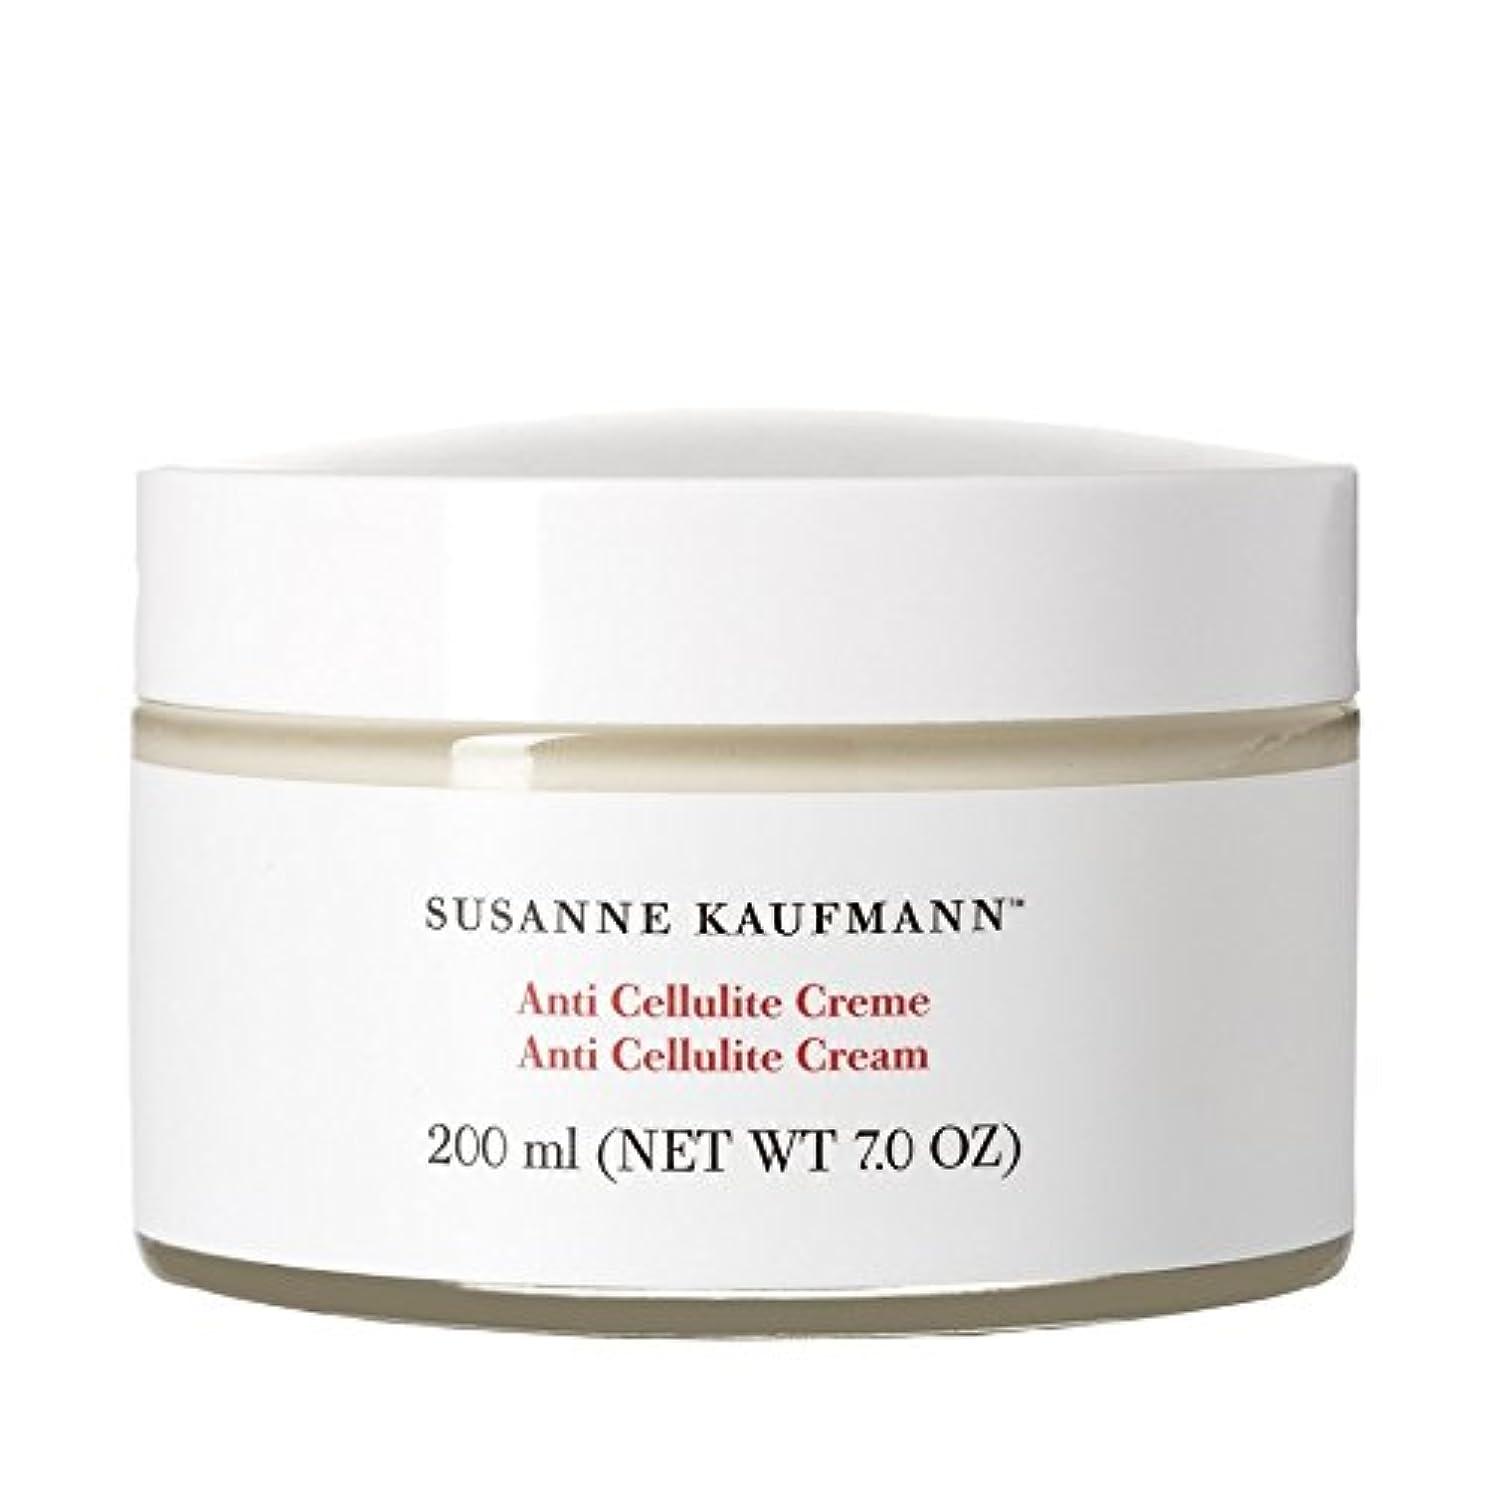 地域の艦隊協力的Susanne Kaufmann Anti Cellulite Cream 200ml - スザンヌカウフマン抗セルライトクリーム200ミリリットル [並行輸入品]